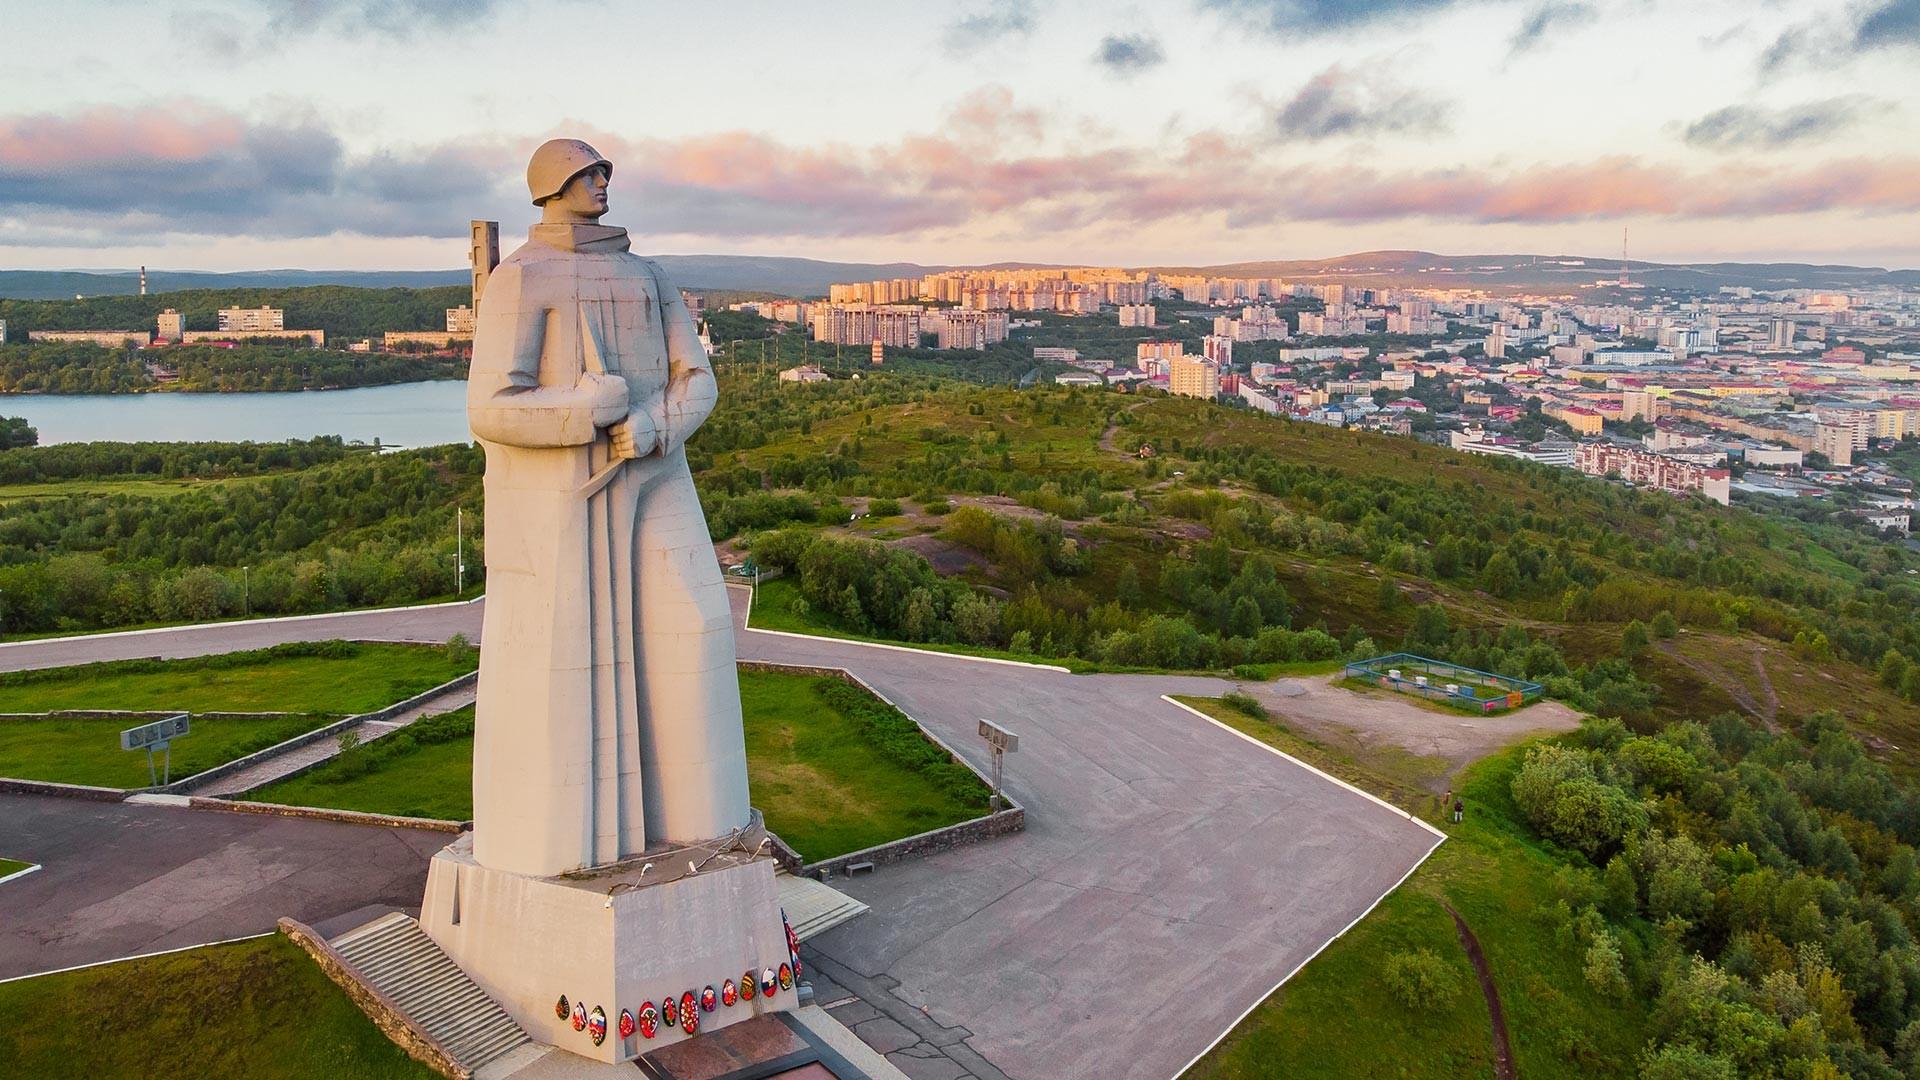 Мемориал «Защитникам Советского Заполярья в годы Великой Отечественной войны» в Мурманске.